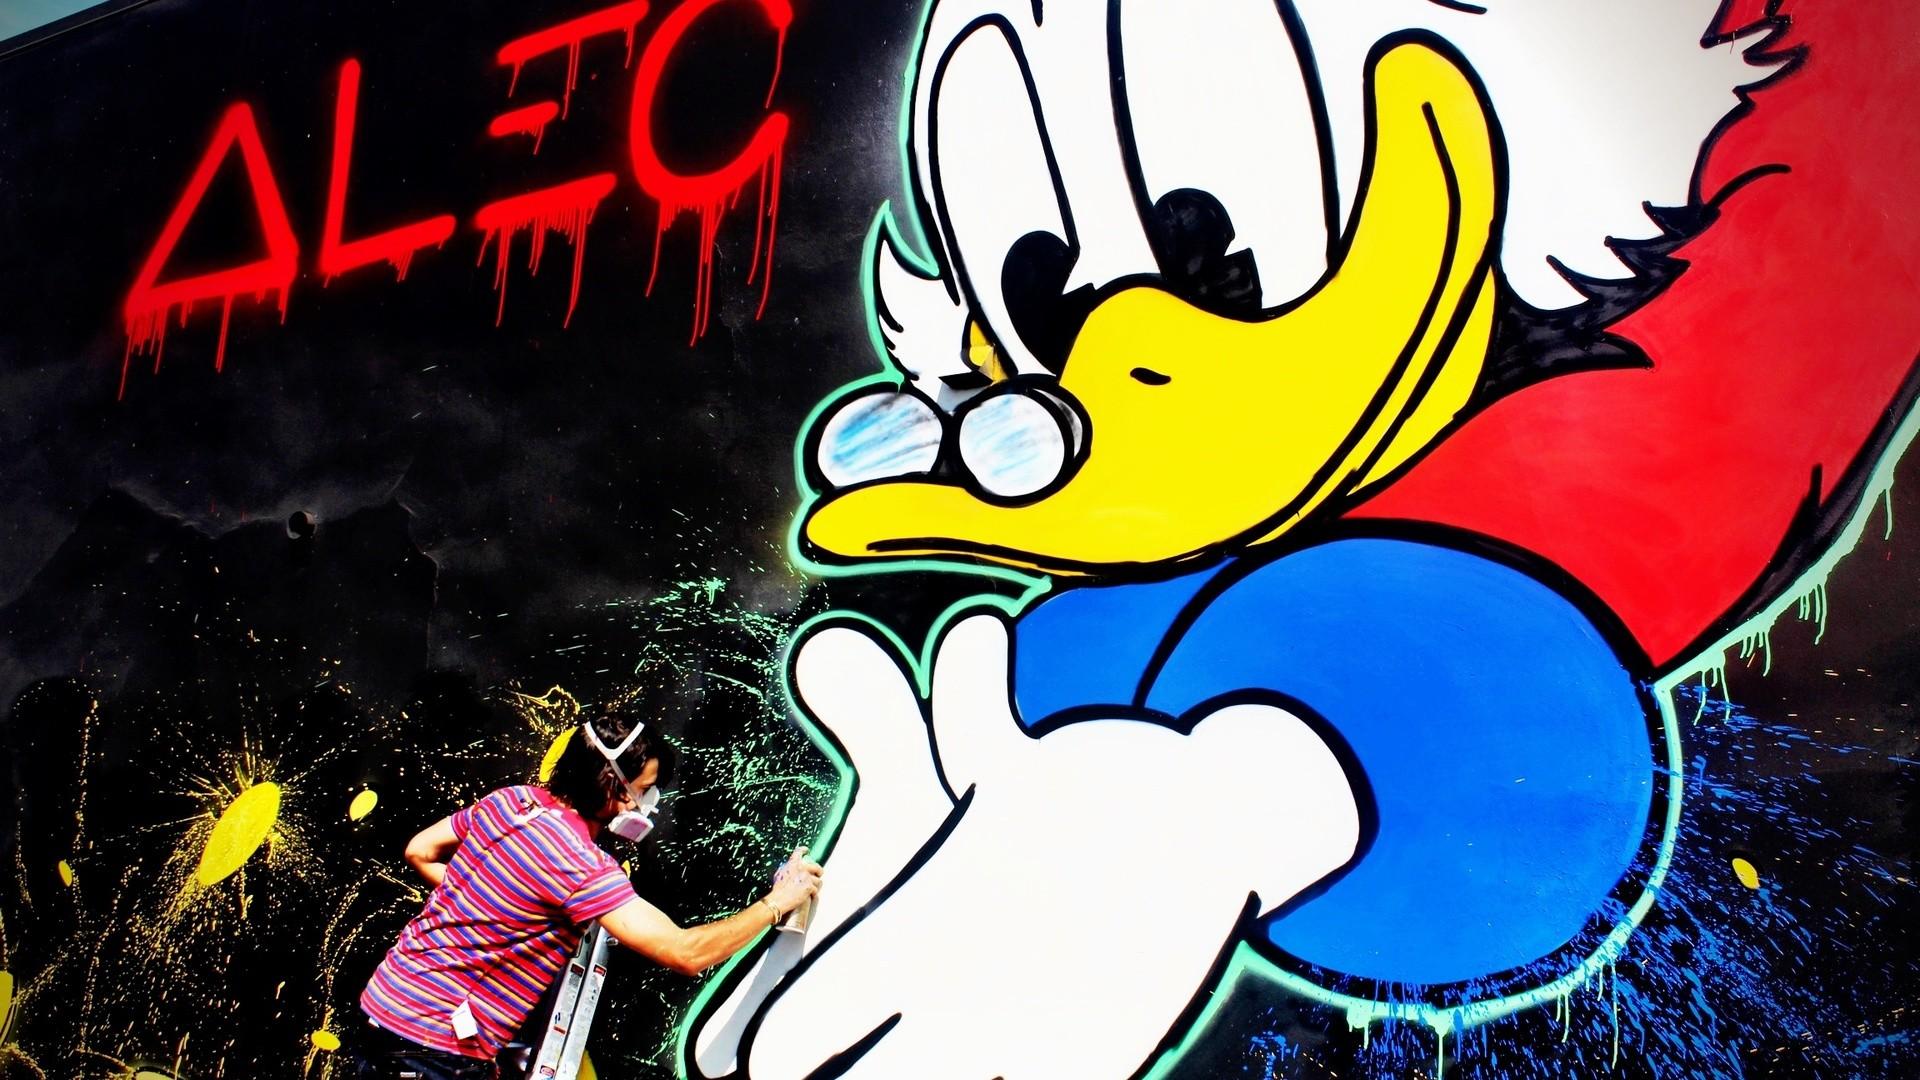 Res: 1920x1080, Alec Monopoly, Street Art, Graffiti, Scrooge, Fine Art, Alec Monopoly  Scrooge